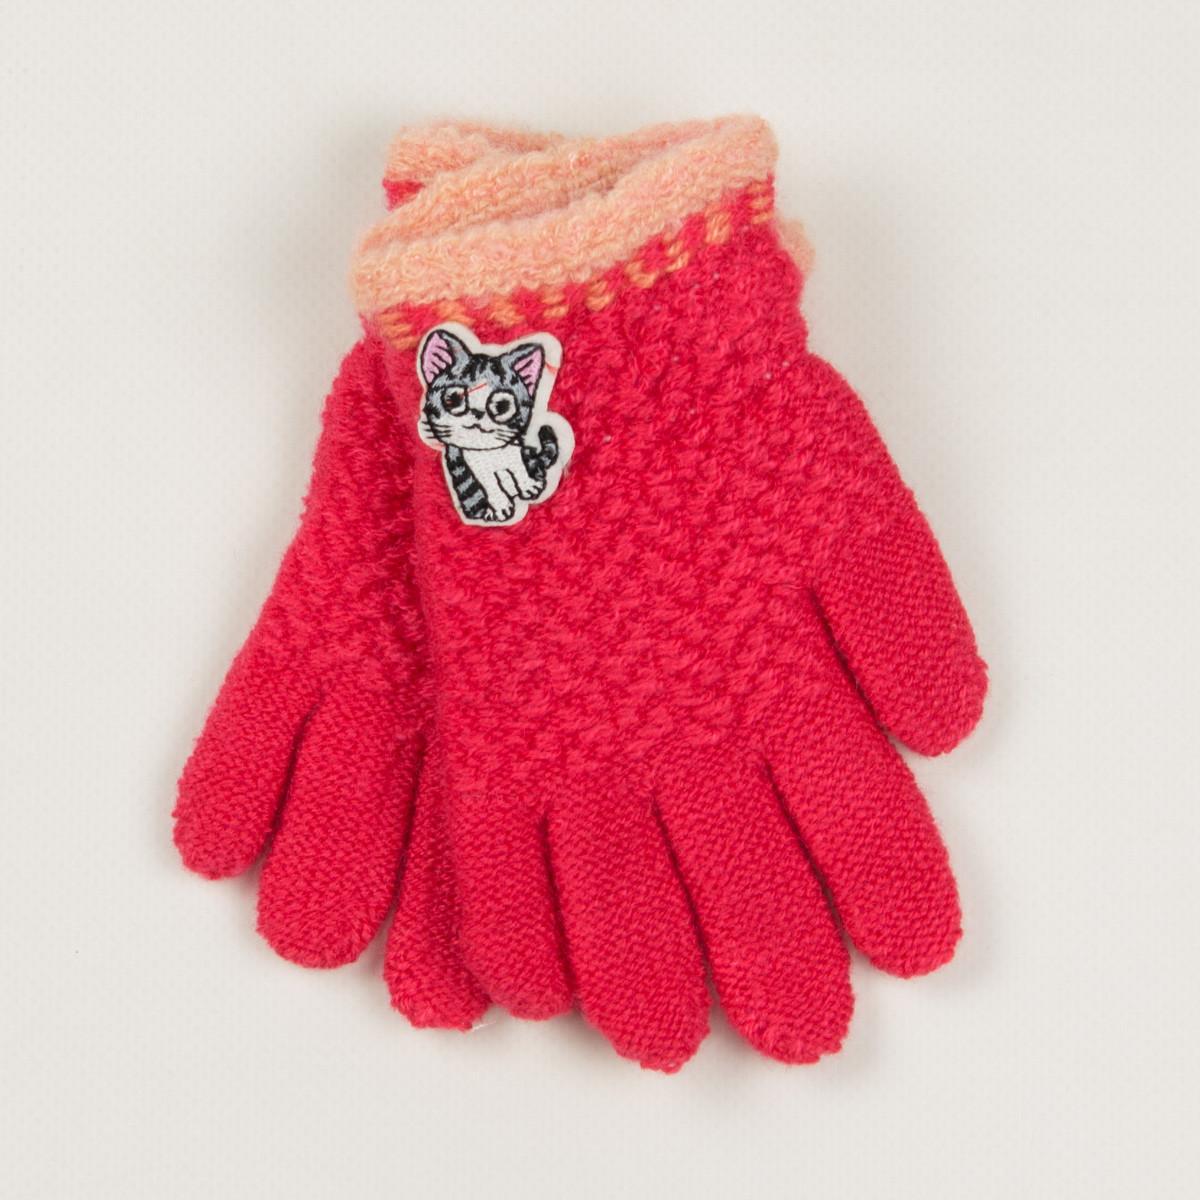 Демисезонные перчатки для девочек2-3 лет- 19-7-43 - Коралловый